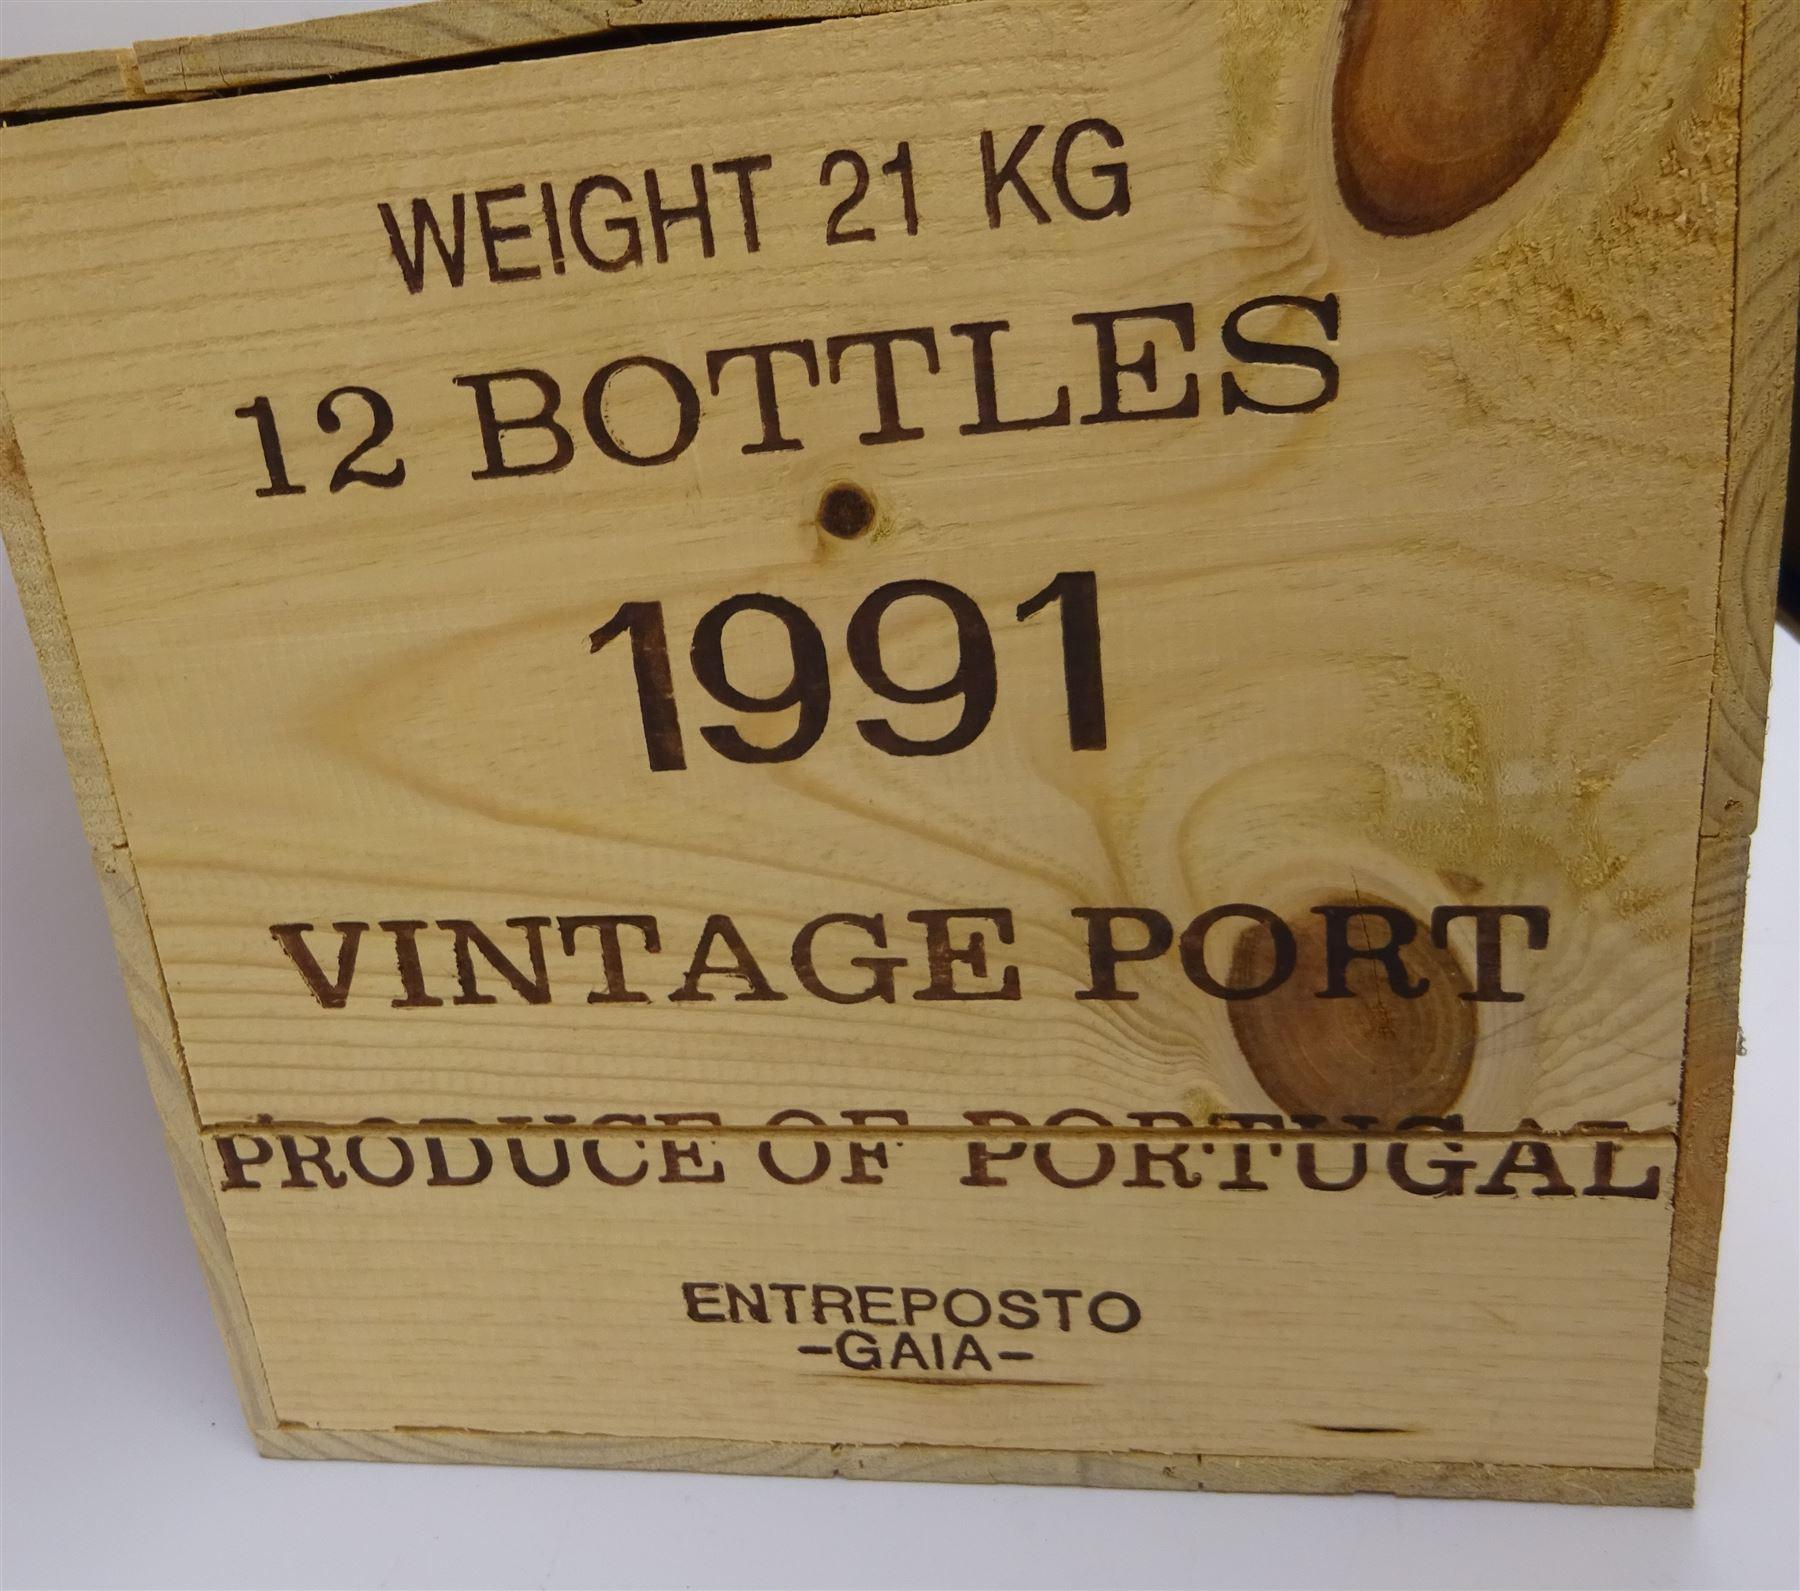 Warre's 1991 vintage port - Image 3 of 3